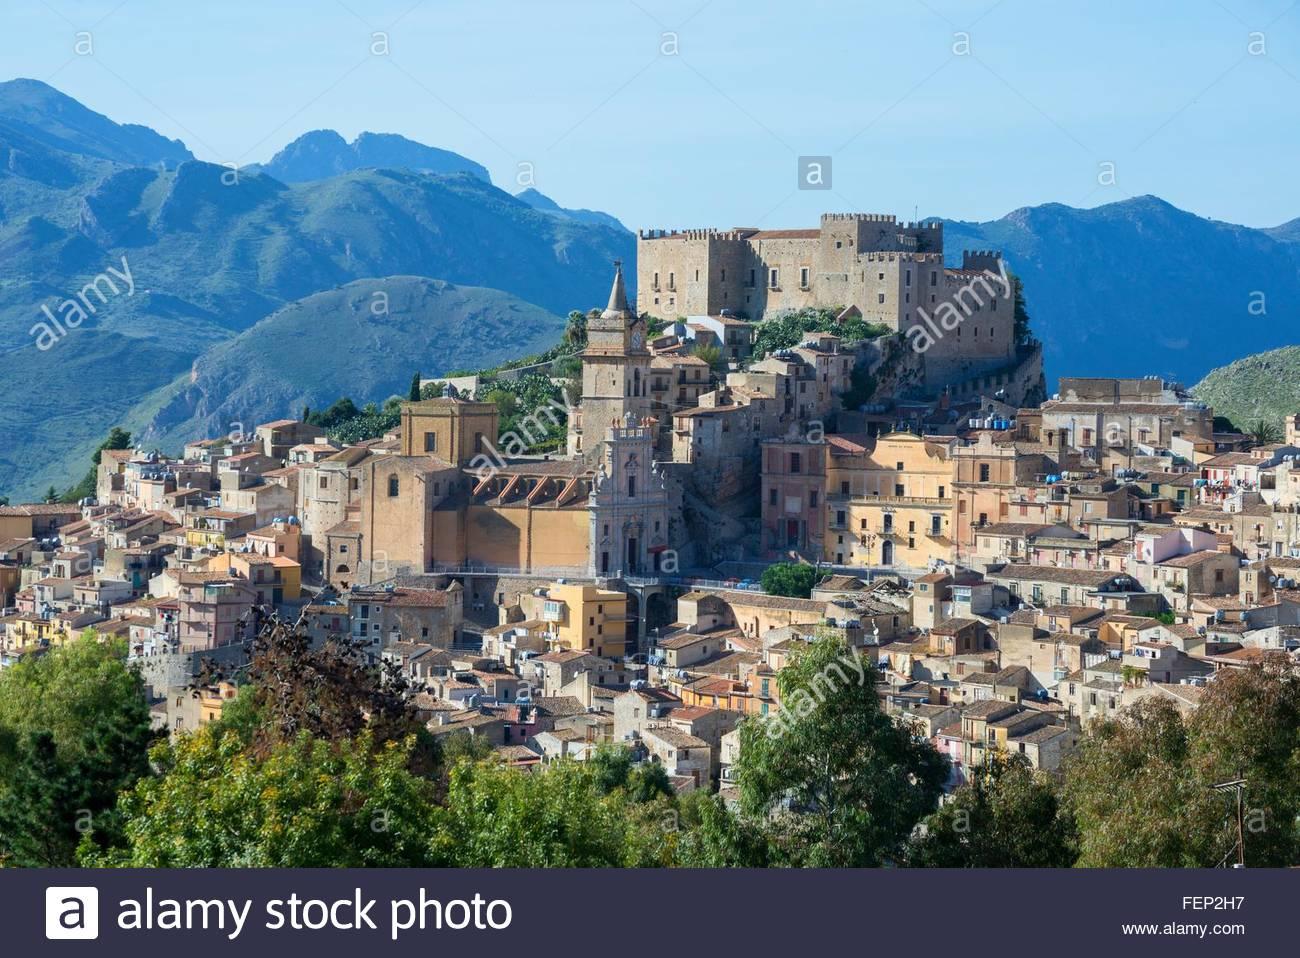 Caccamo castle and village, Caccamo, Sicily, Italy - Stock Image